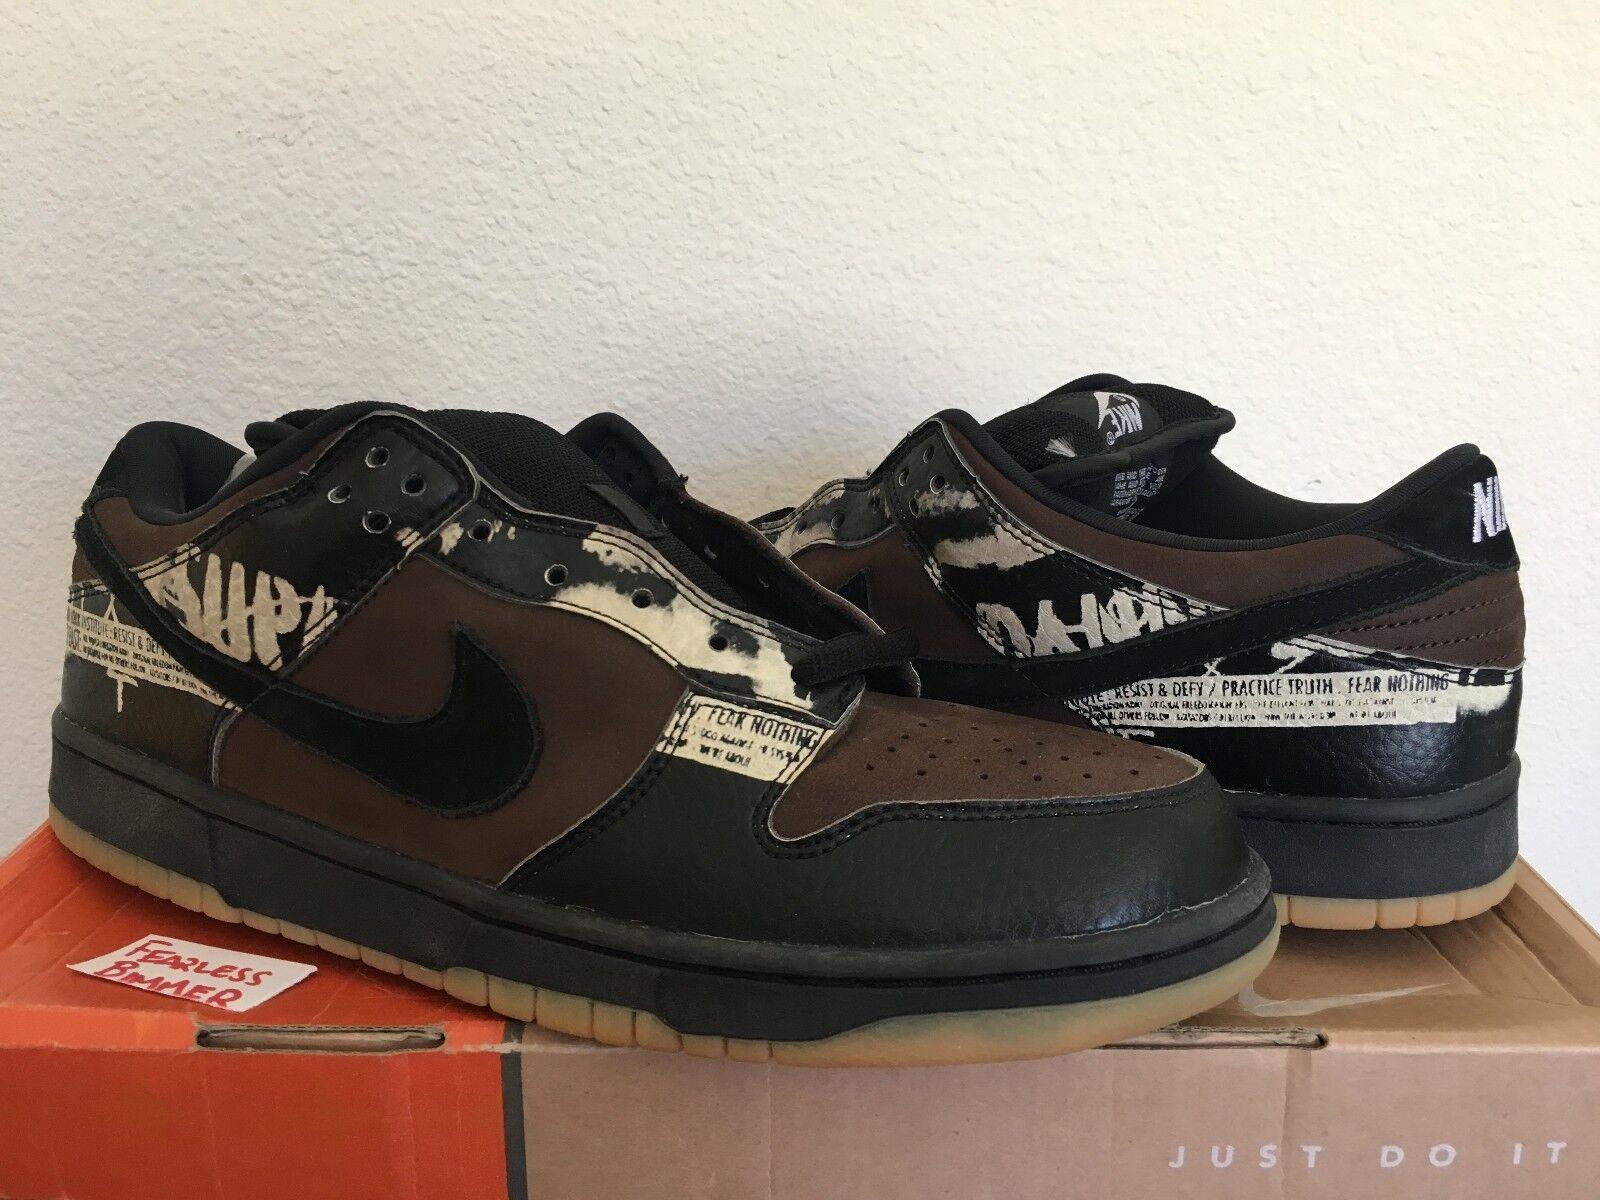 best service 6e4b0 59ef1 ... discount nike dunk low pro sp zoo york descuento sb comodo el último  descuento york zapatos